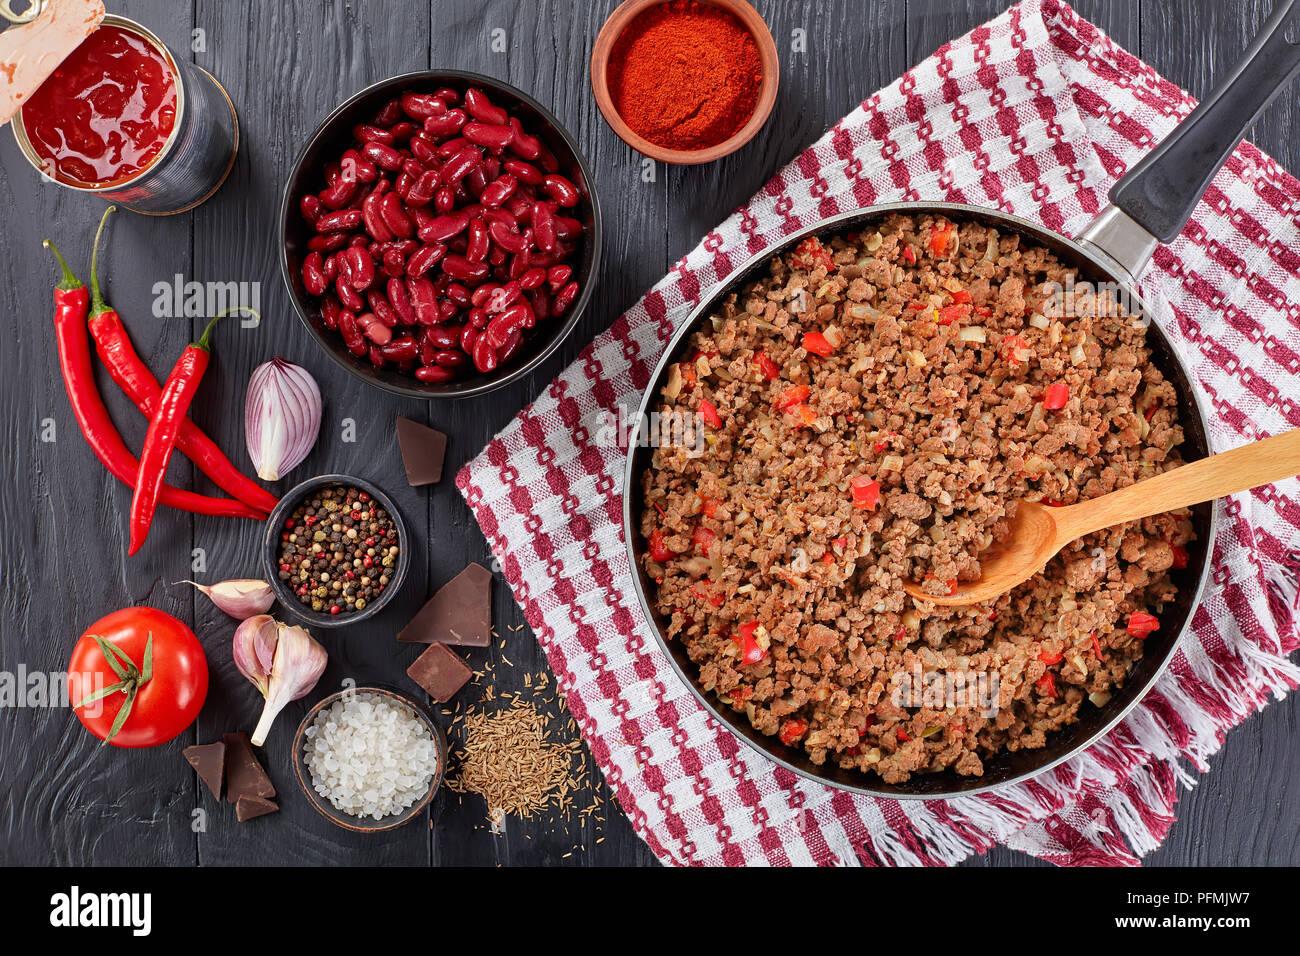 Zutaten Zum Kochen Chili Con Carne Gebratene Hackfleisch Auf